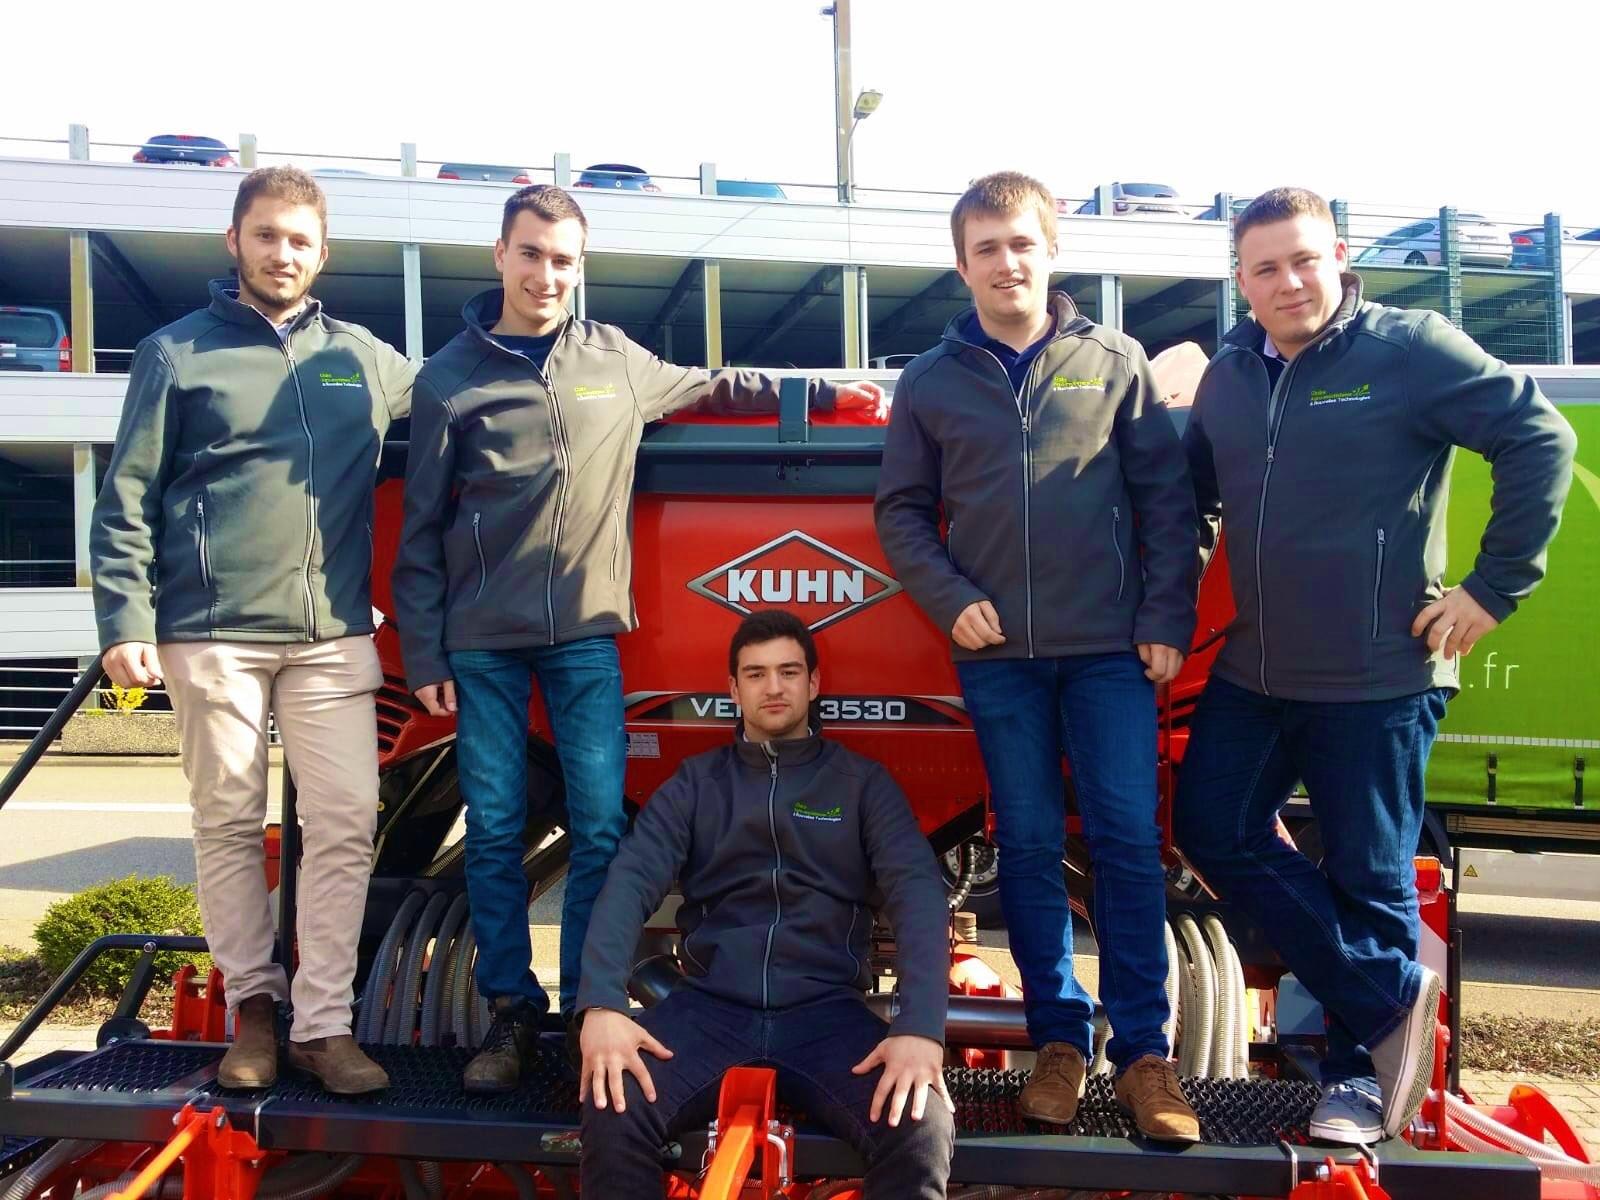 Etudiants AENT devant une machine Kuhn